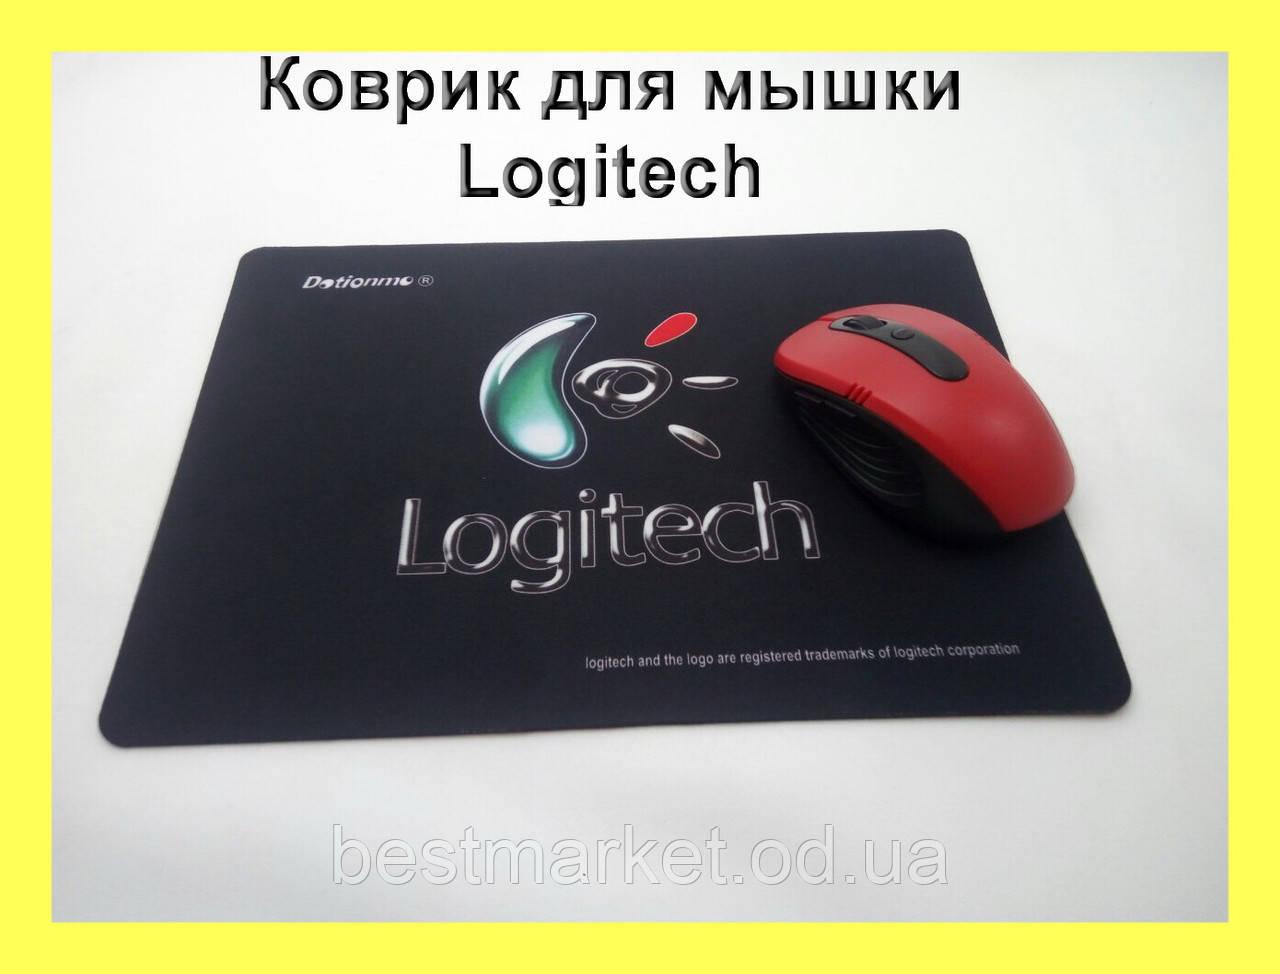 Коврик для компьютерной мышки Logitech (20*28*0.2)